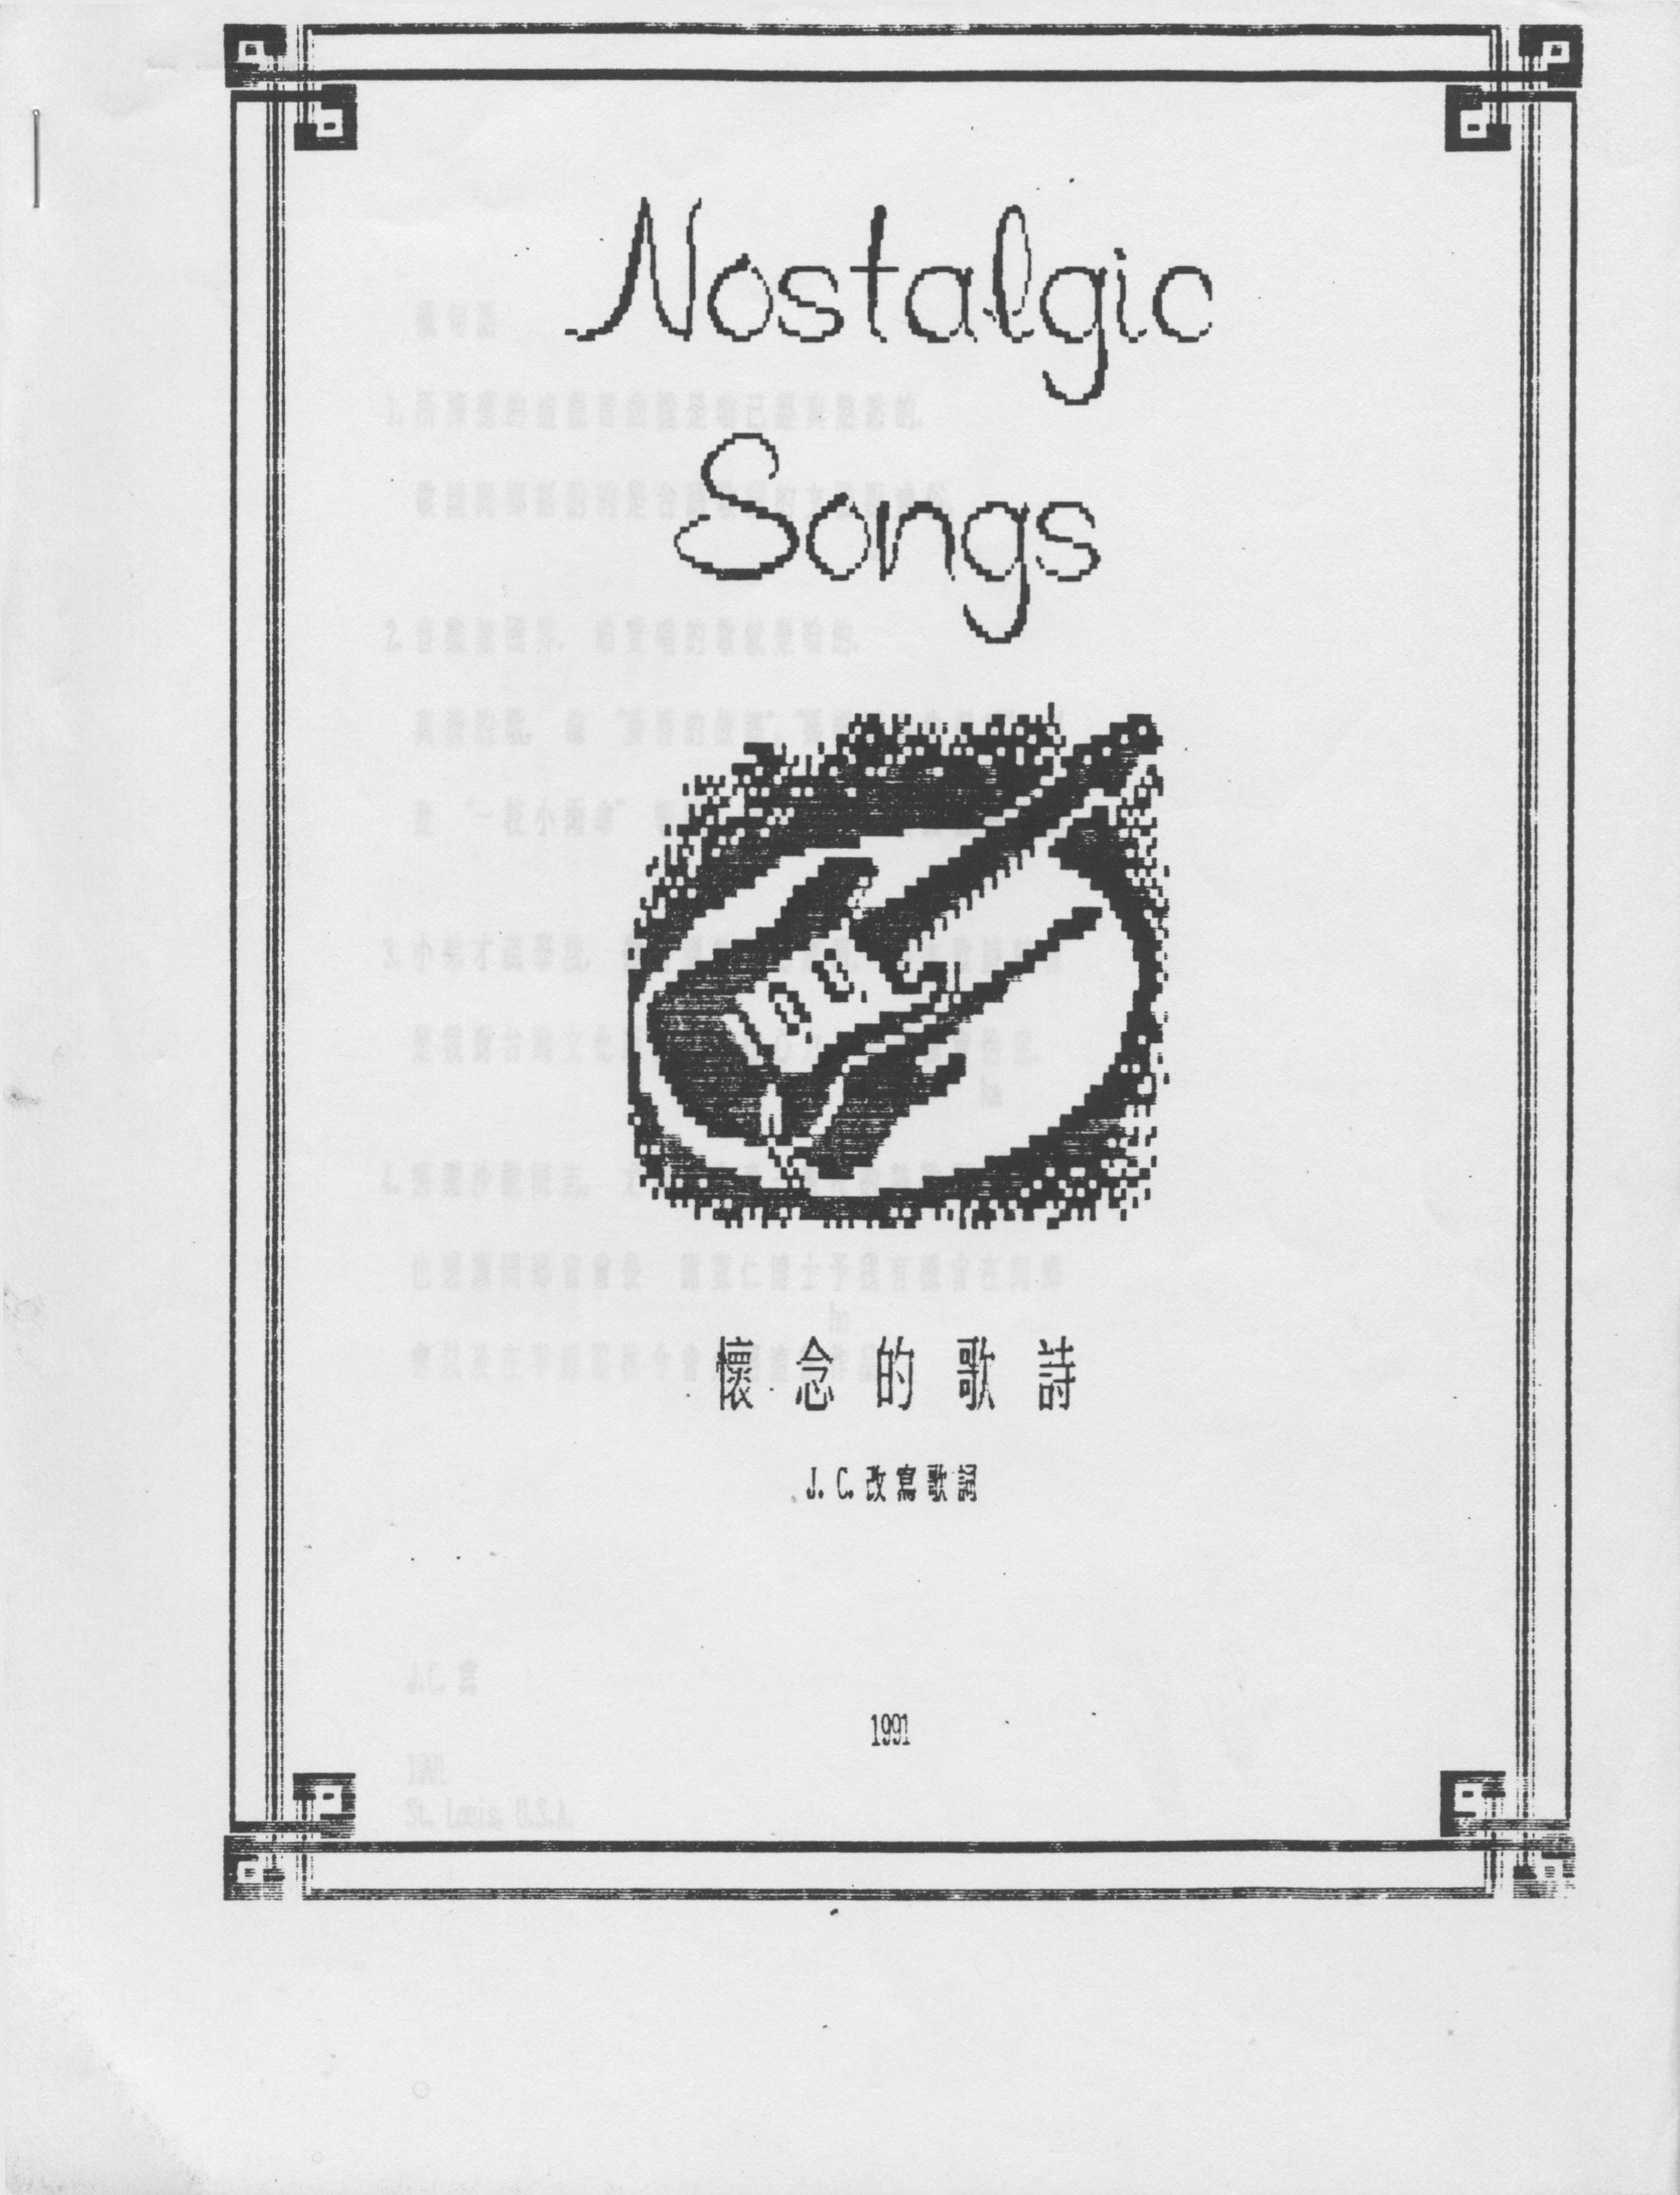 1316. Nostalgic Songs/Anthony Su/1991